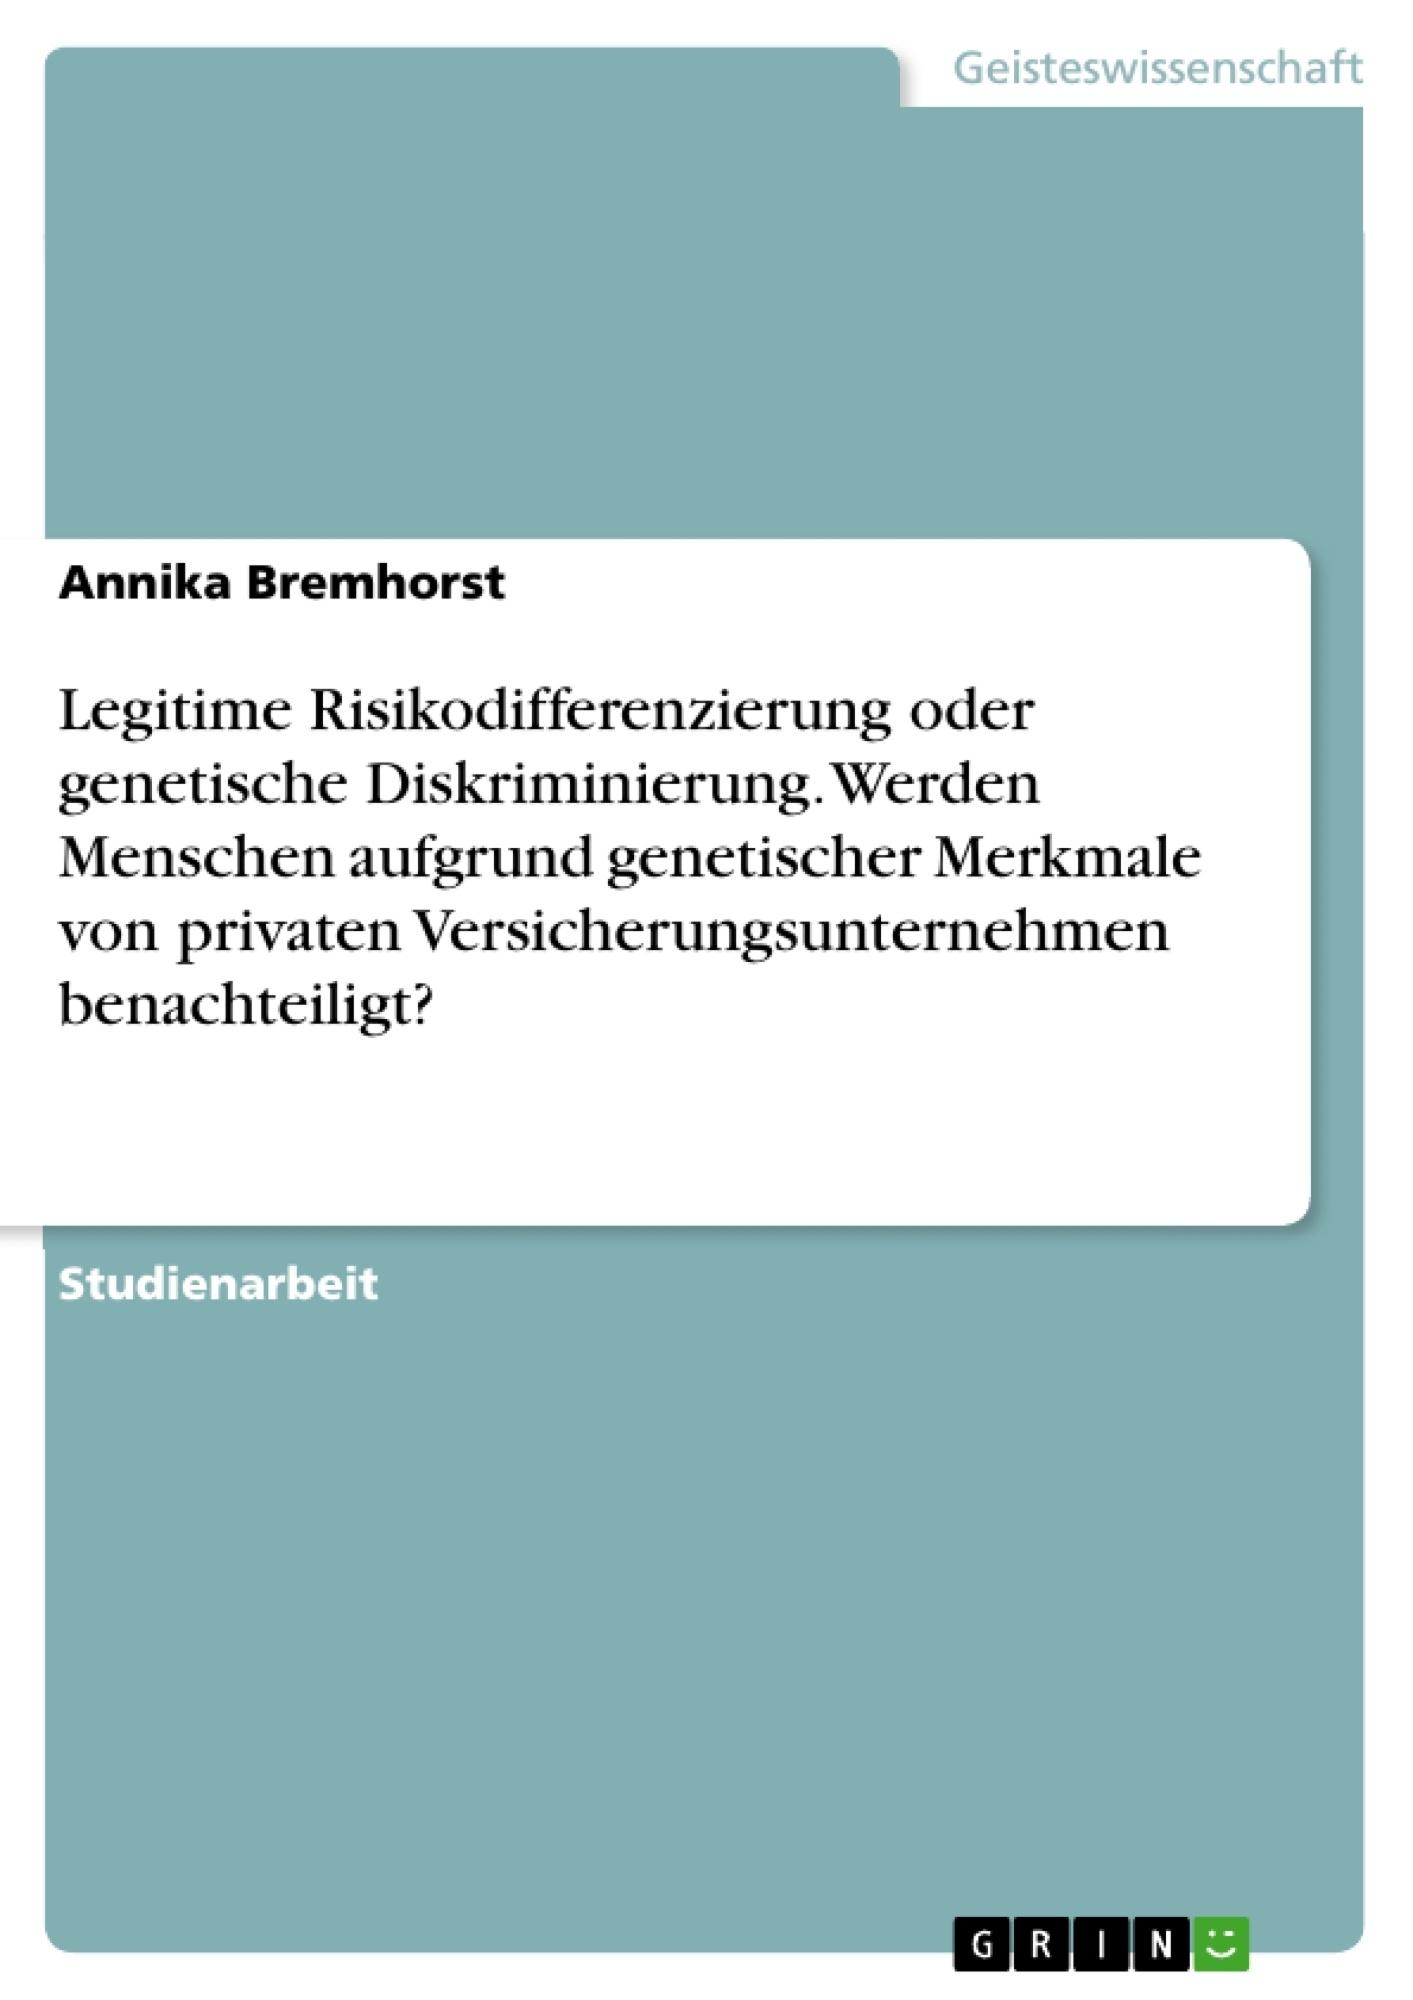 Titel: Legitime Risikodifferenzierung oder genetische Diskriminierung. Werden Menschen aufgrund genetischer Merkmale von privaten Versicherungsunternehmen benachteiligt?